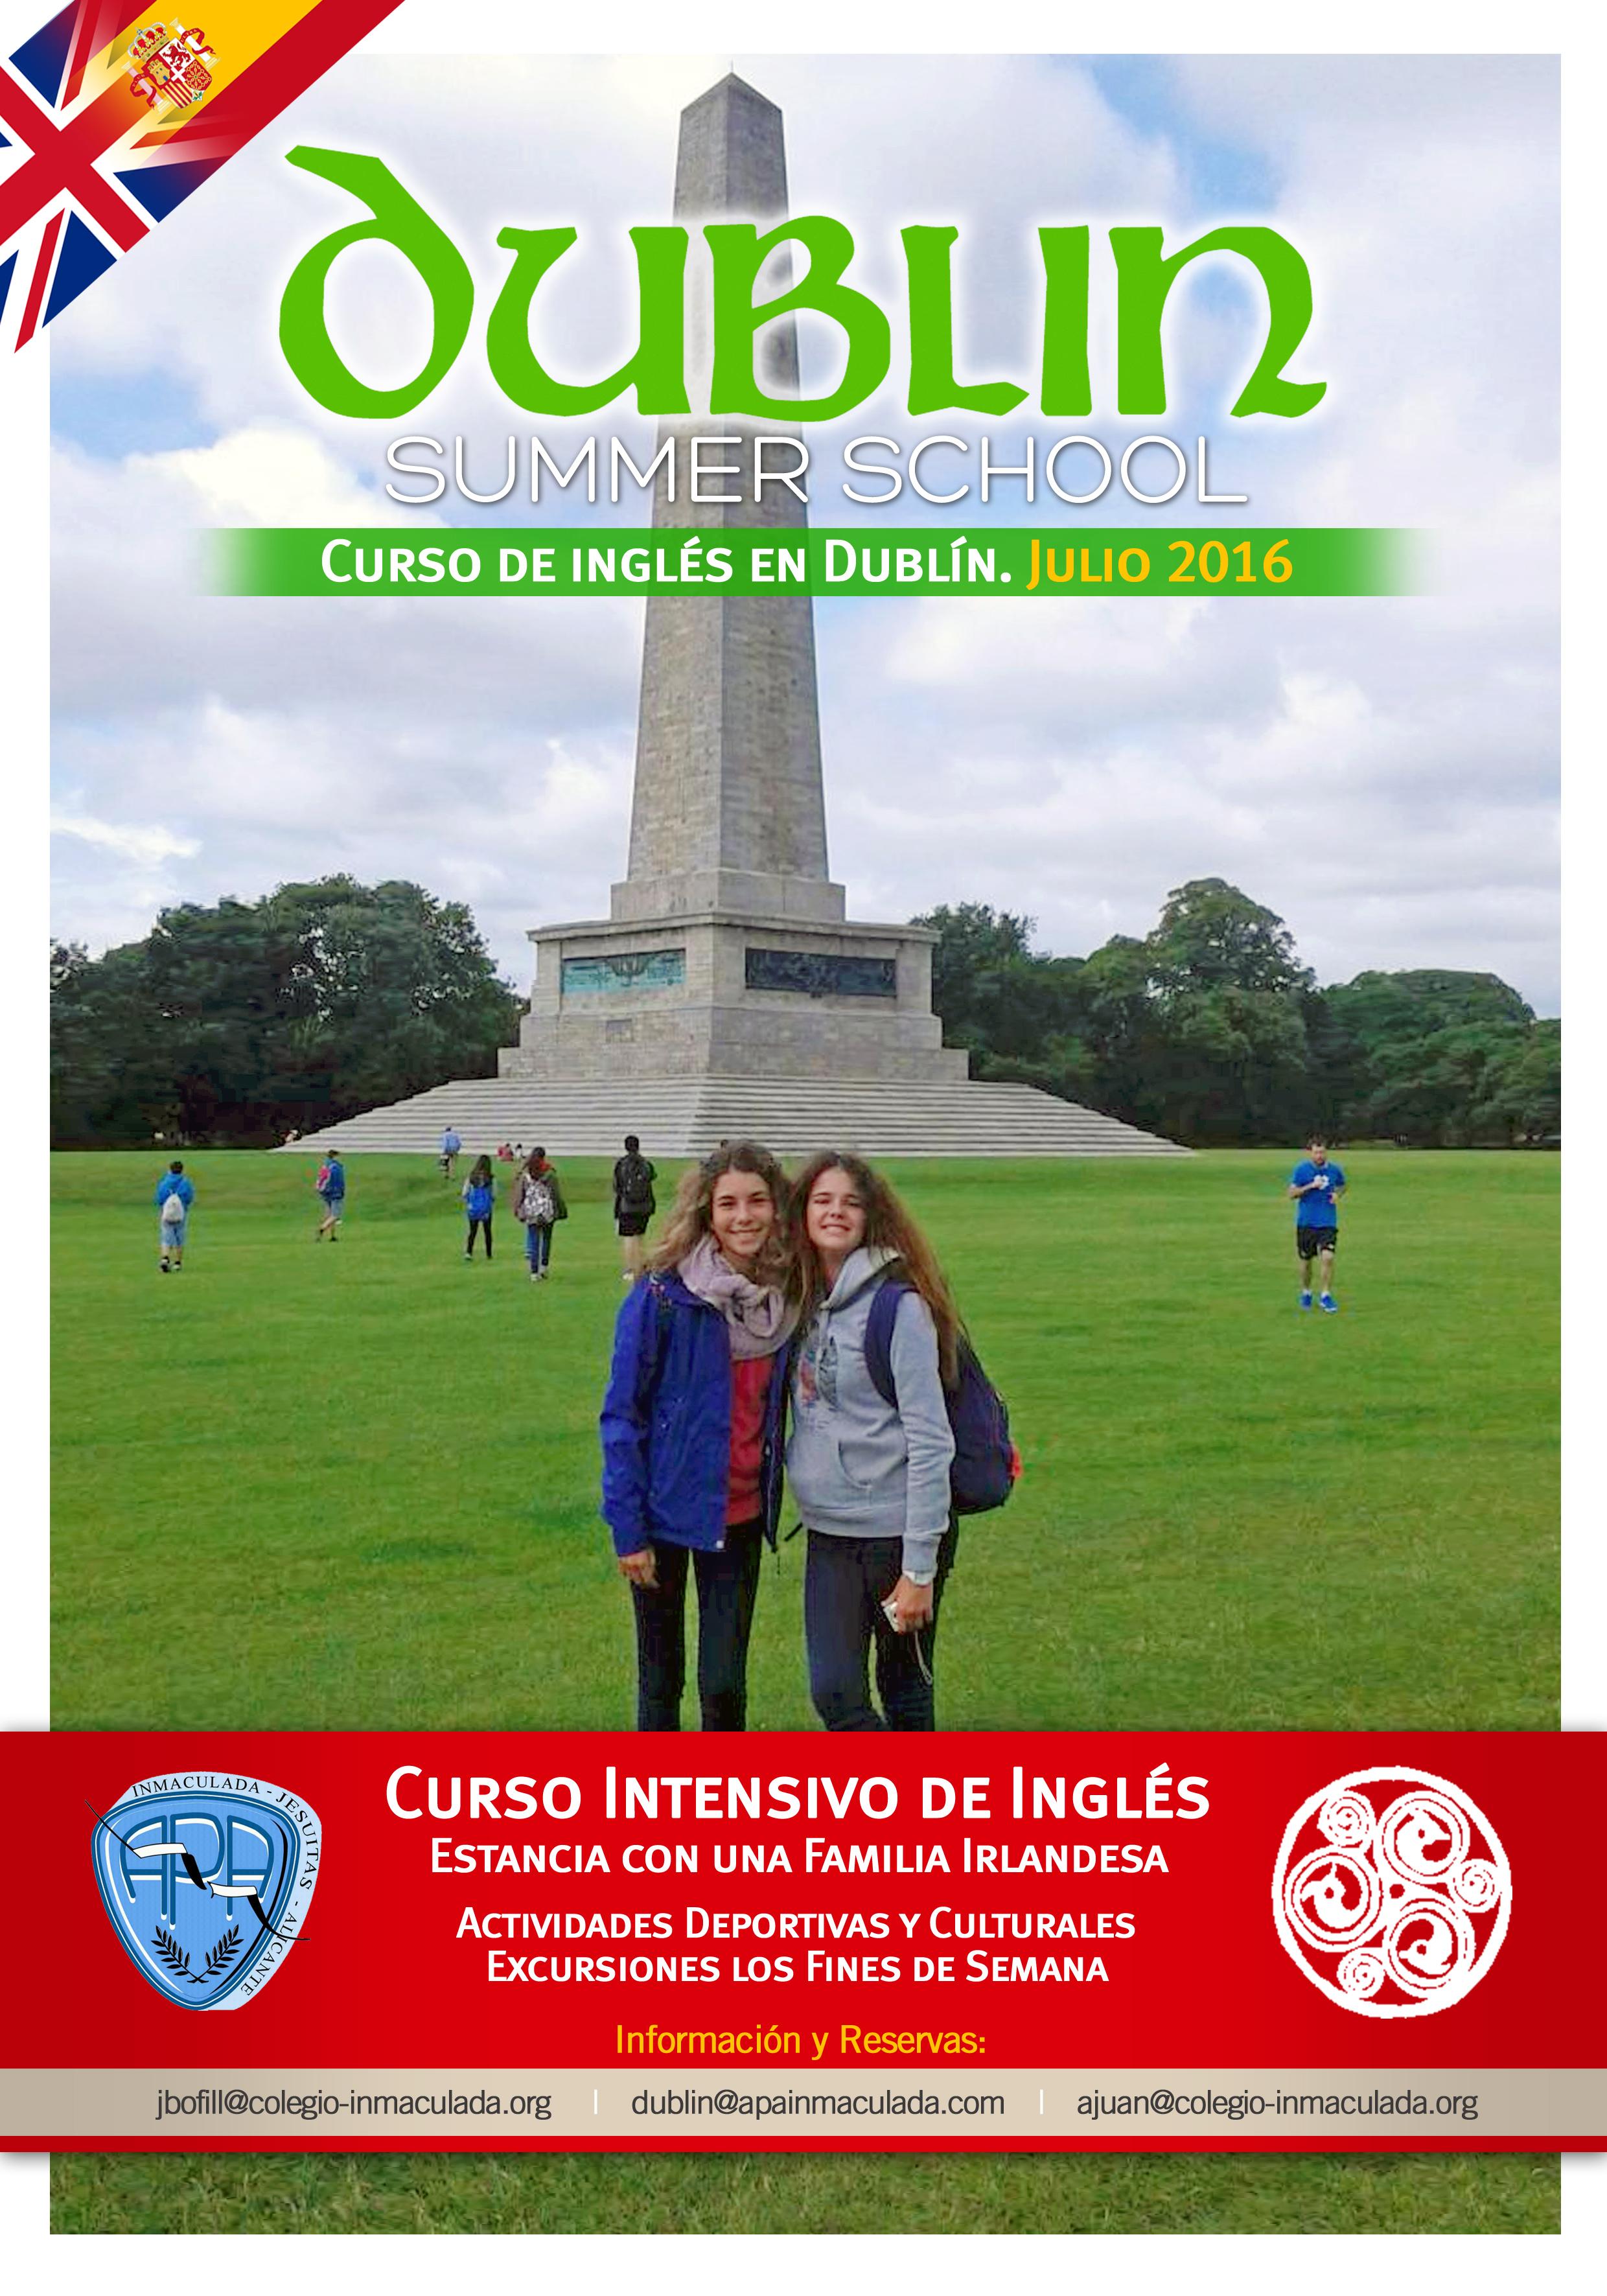 Inscríbete al viaje a Dublín del 7 al 28 de julio. Practice your English¡¡